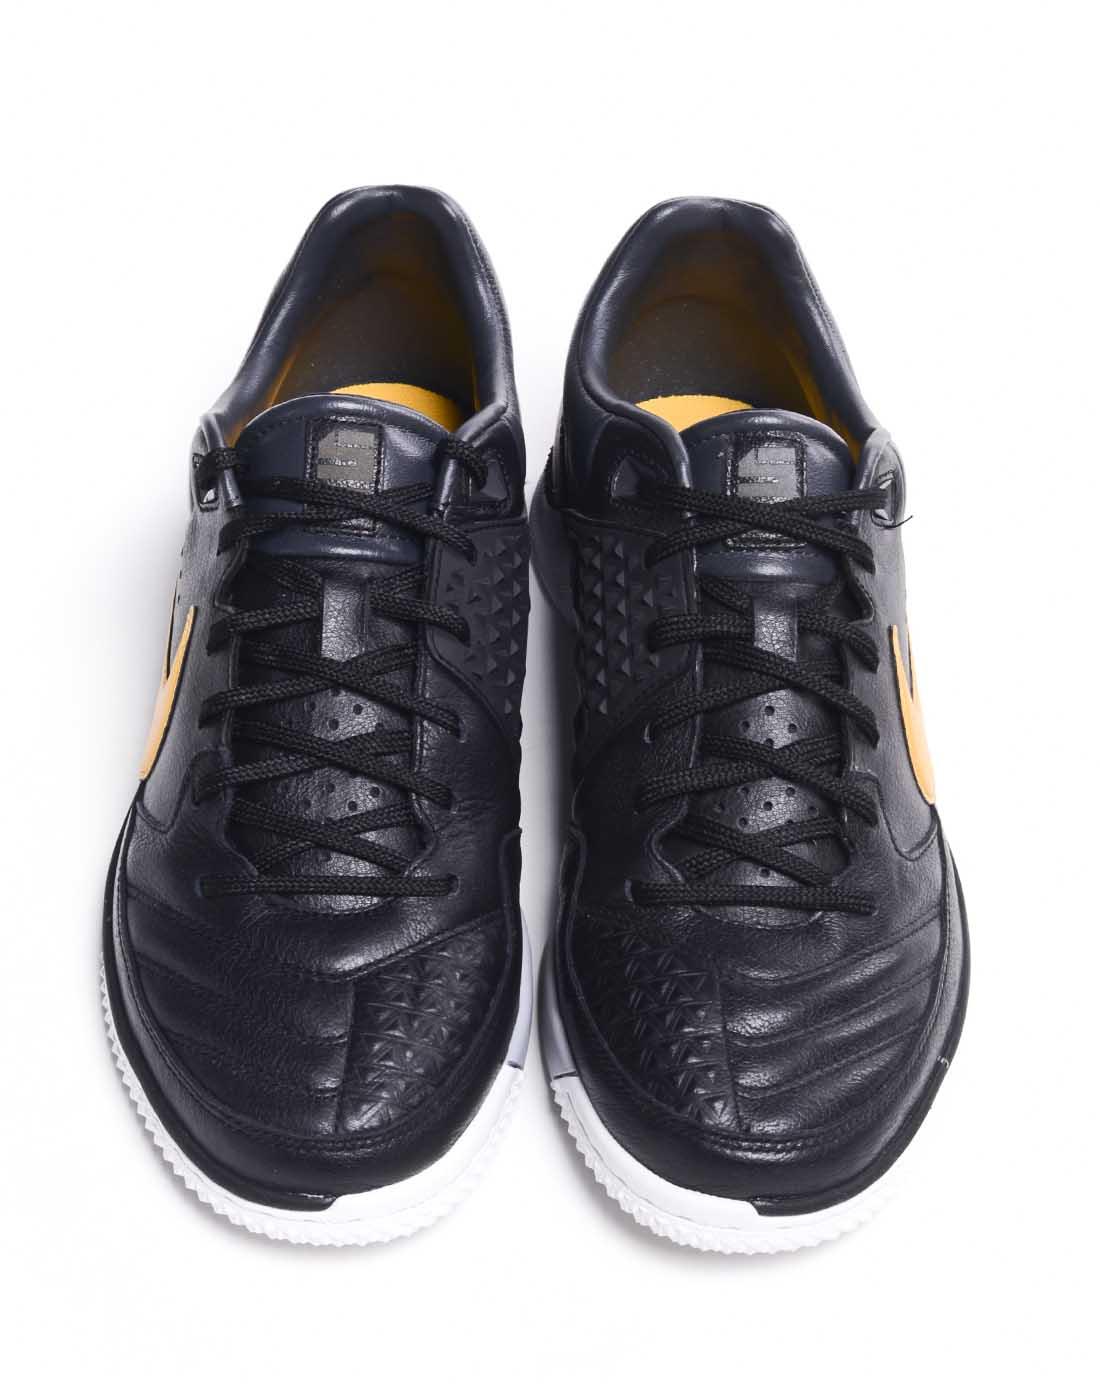 耐克nike-男子黑色足球鞋442125-071